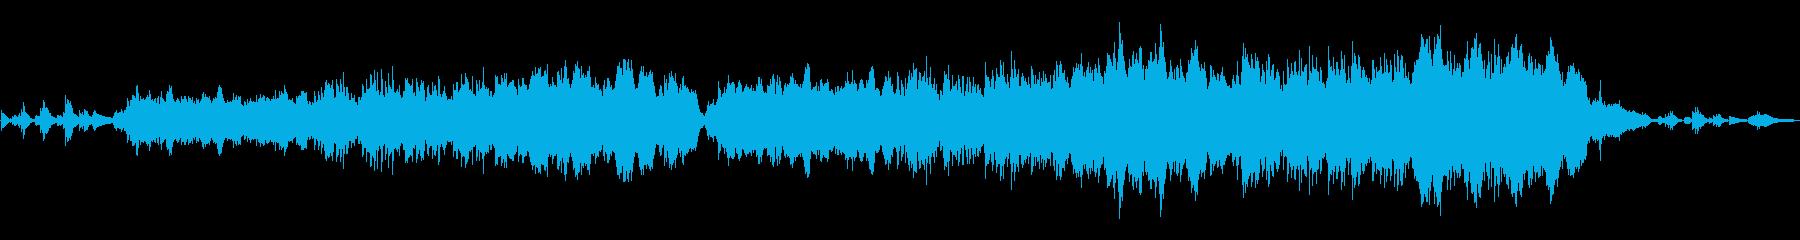 春/ピアノ/チェロ/ロマンチックの再生済みの波形